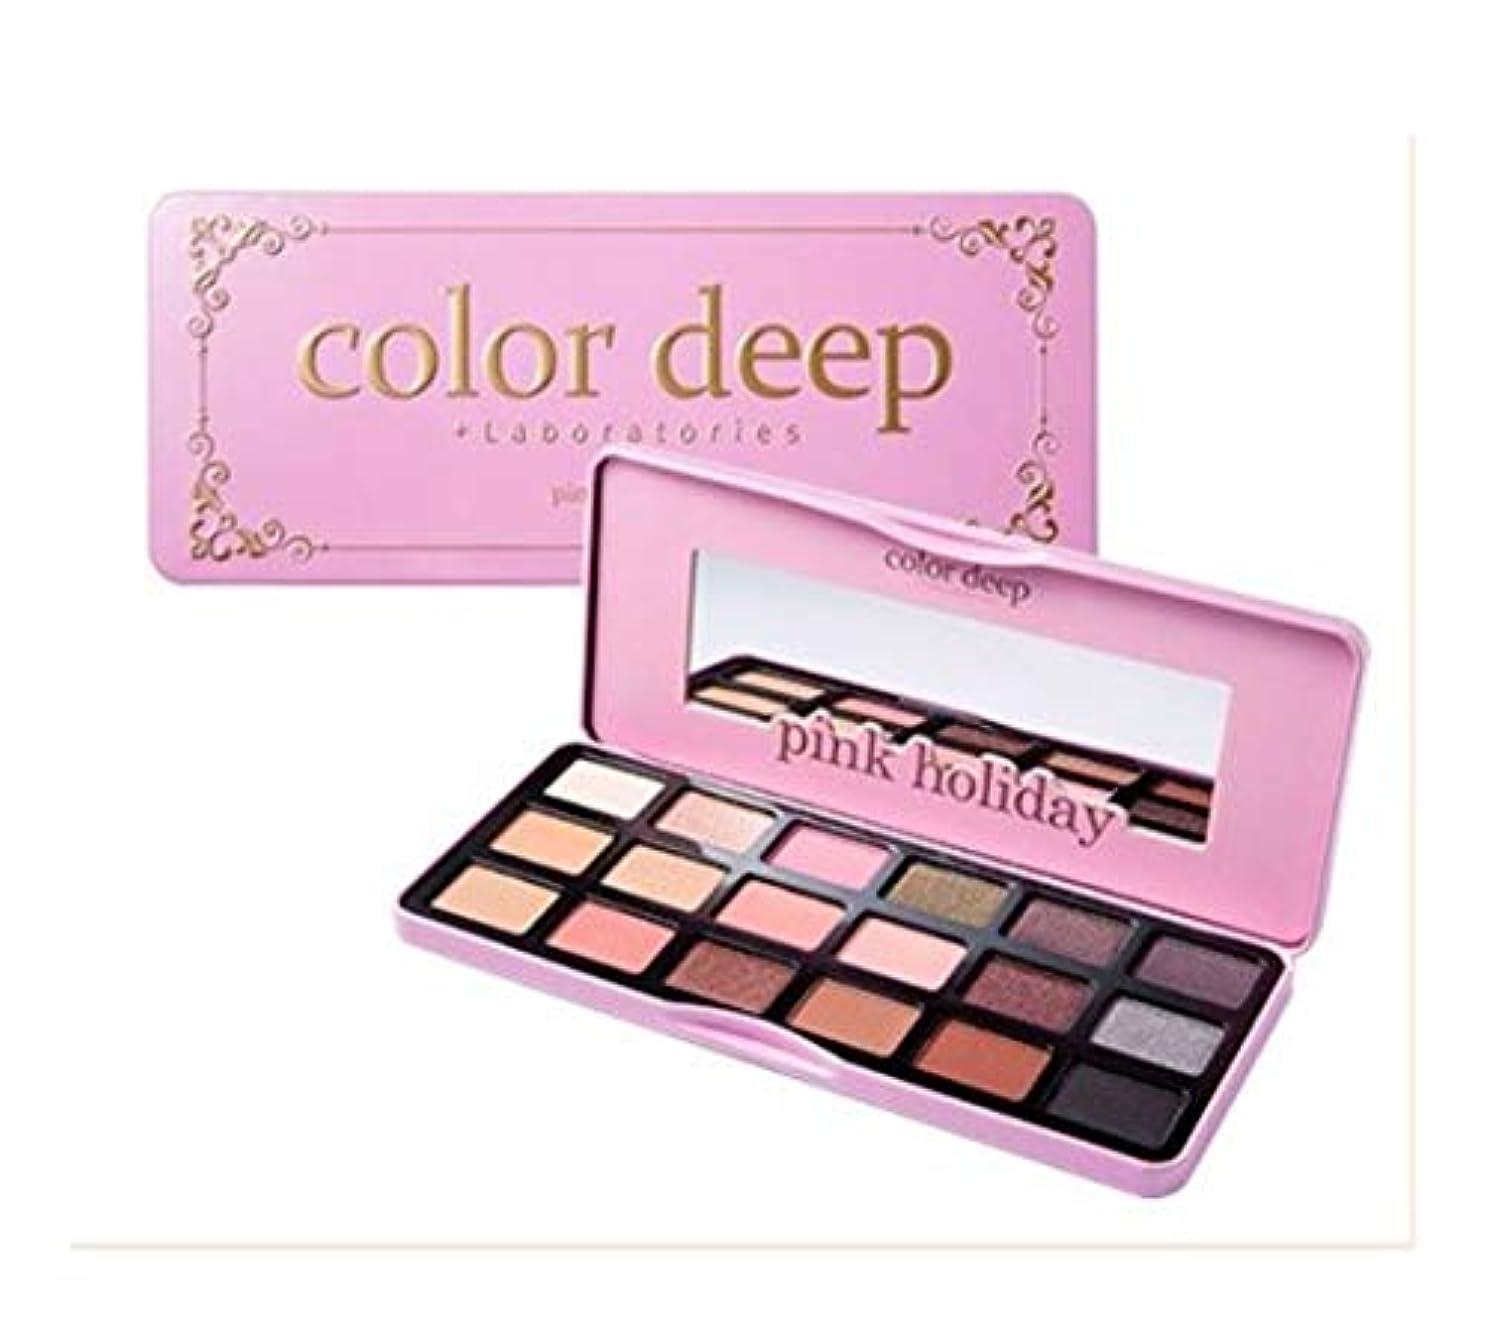 ダーツ宿供給Color Deep Pink Holiday Eye Paletteアイシャドウパレット18color(並行輸入品)